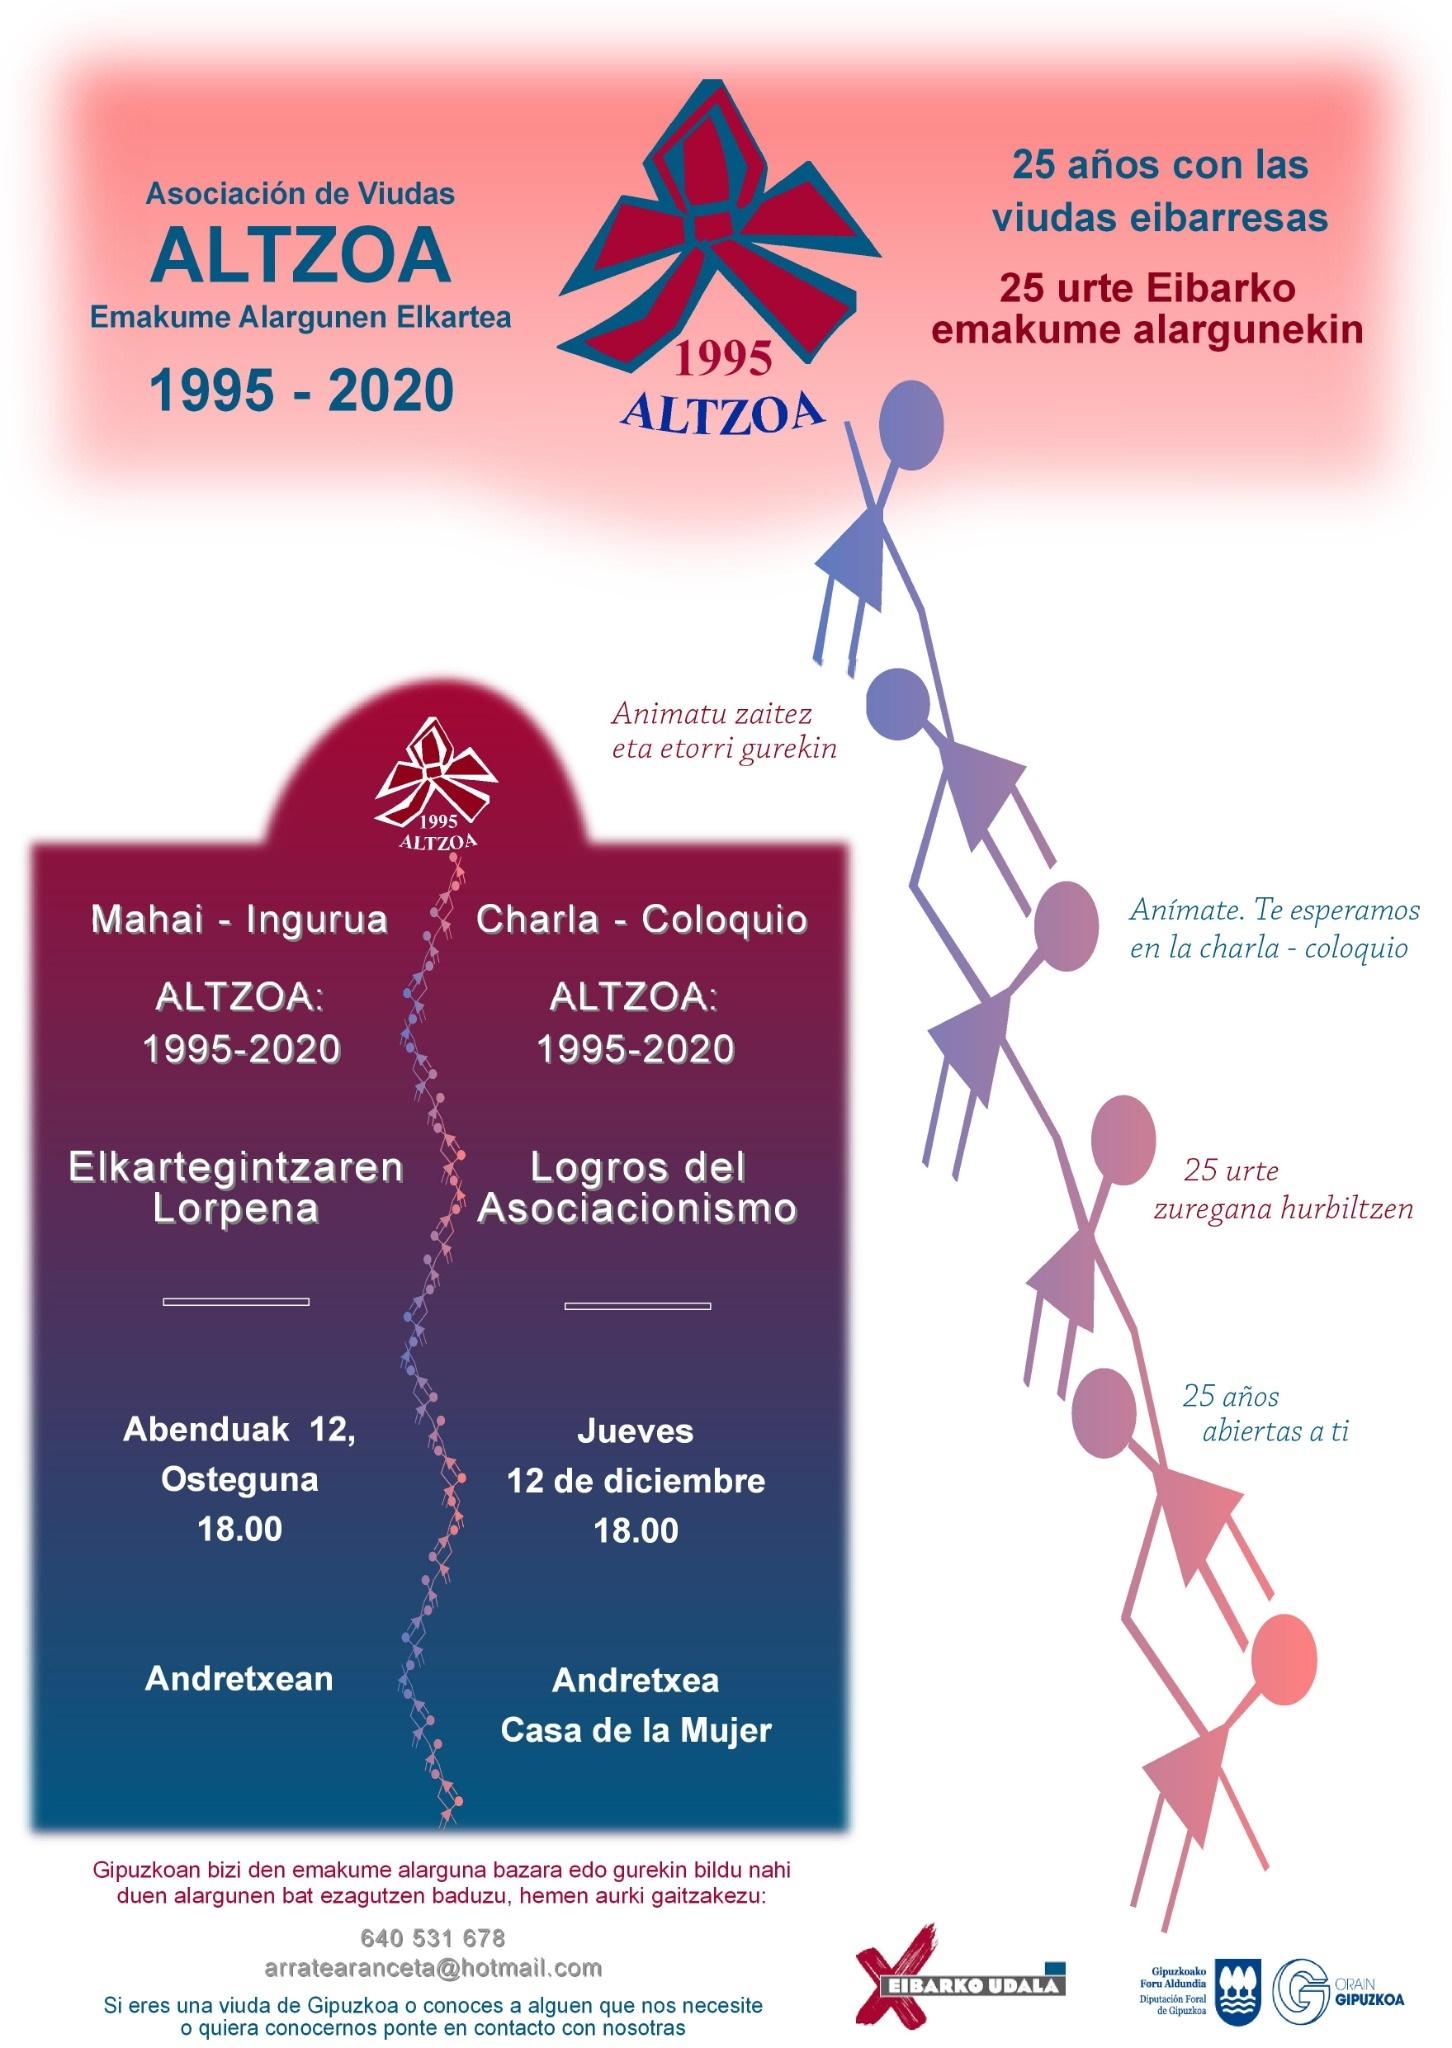 Mahai-ingurua. Altzoa: 1995-2020 Elkartegintzaren lorpena